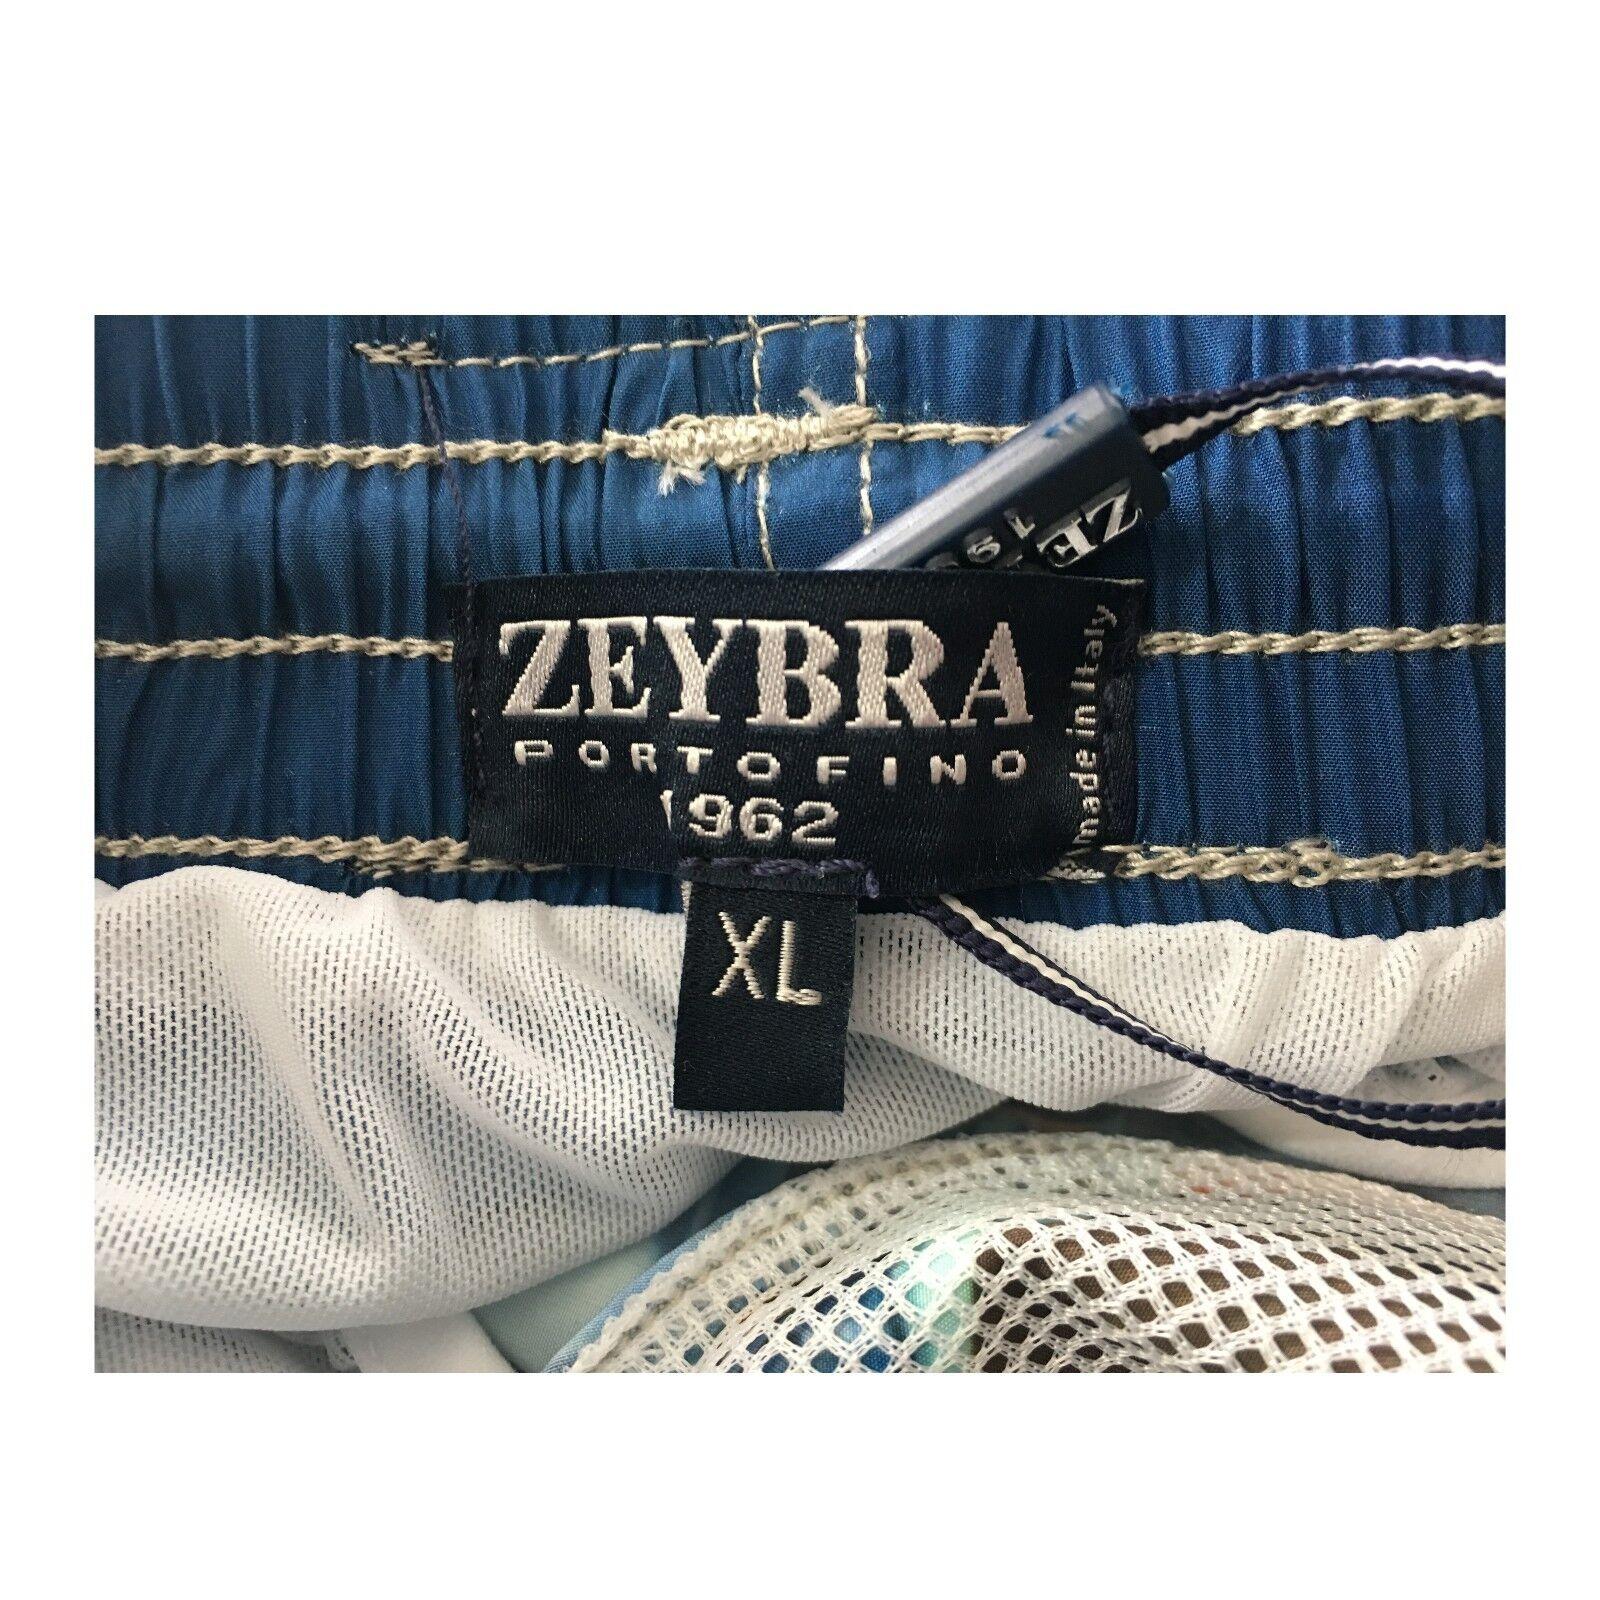 ZEYBRA homme de personnalisé boxer bali de homme fantaisie mod AUB856 VINTAGE 1f0701